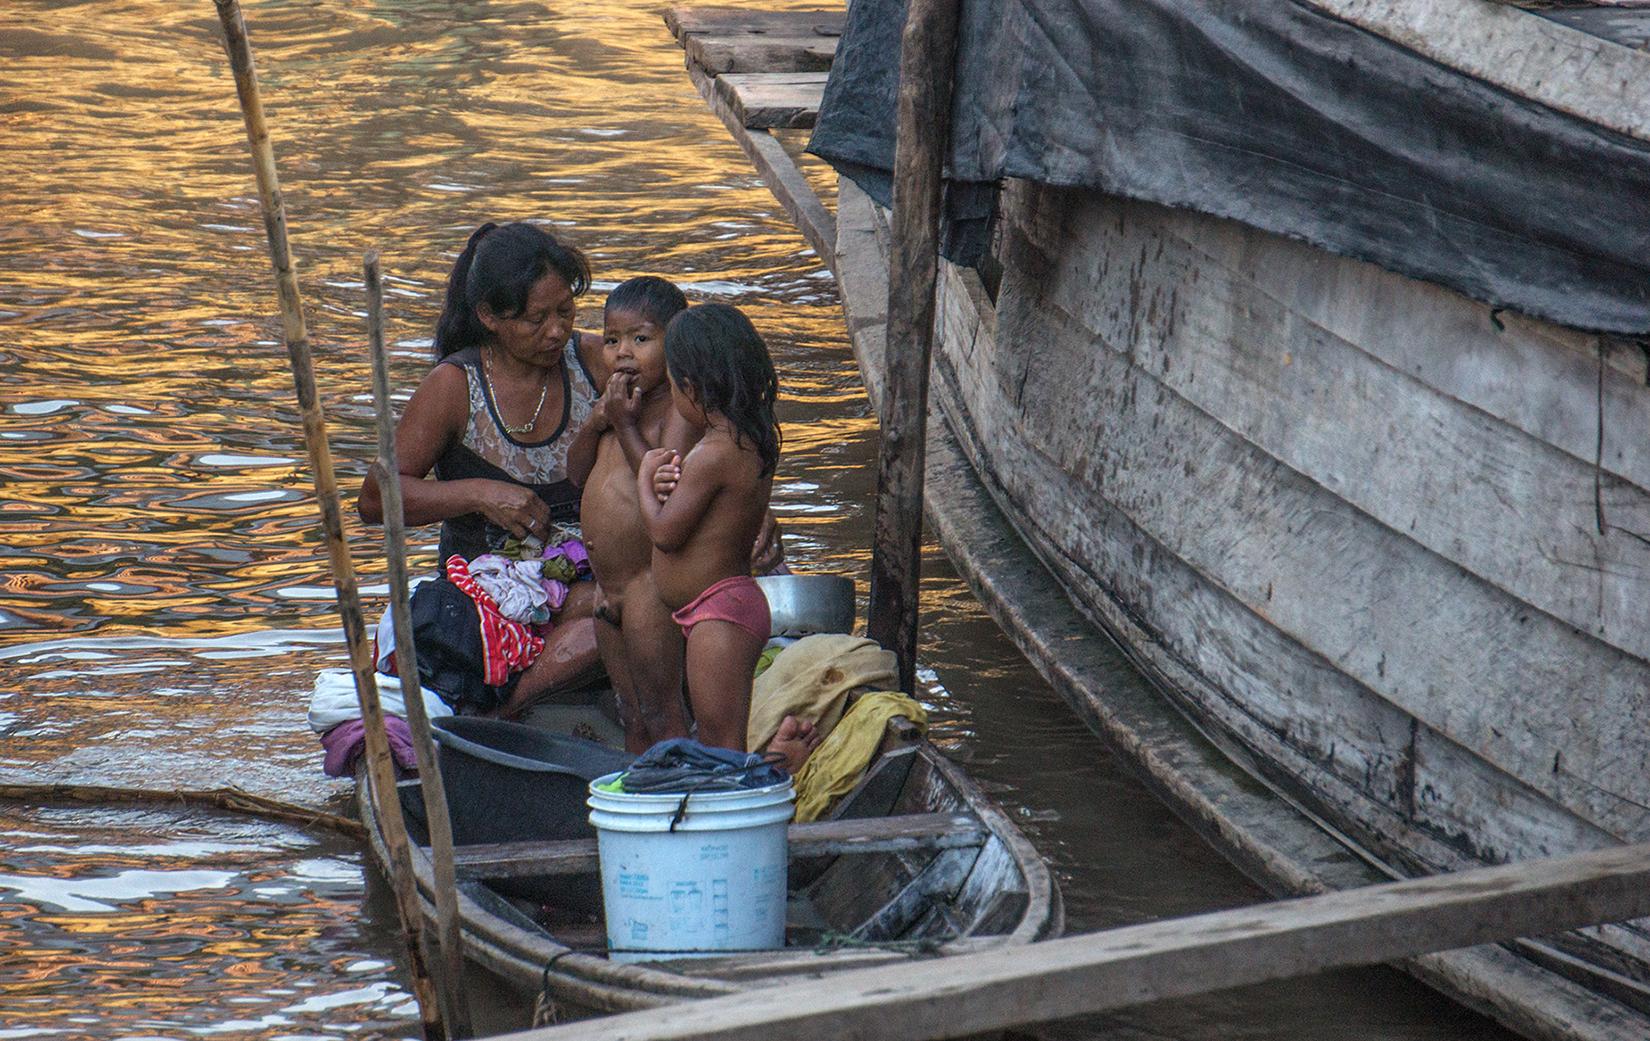 Colombia, Rio delle Amazzoni